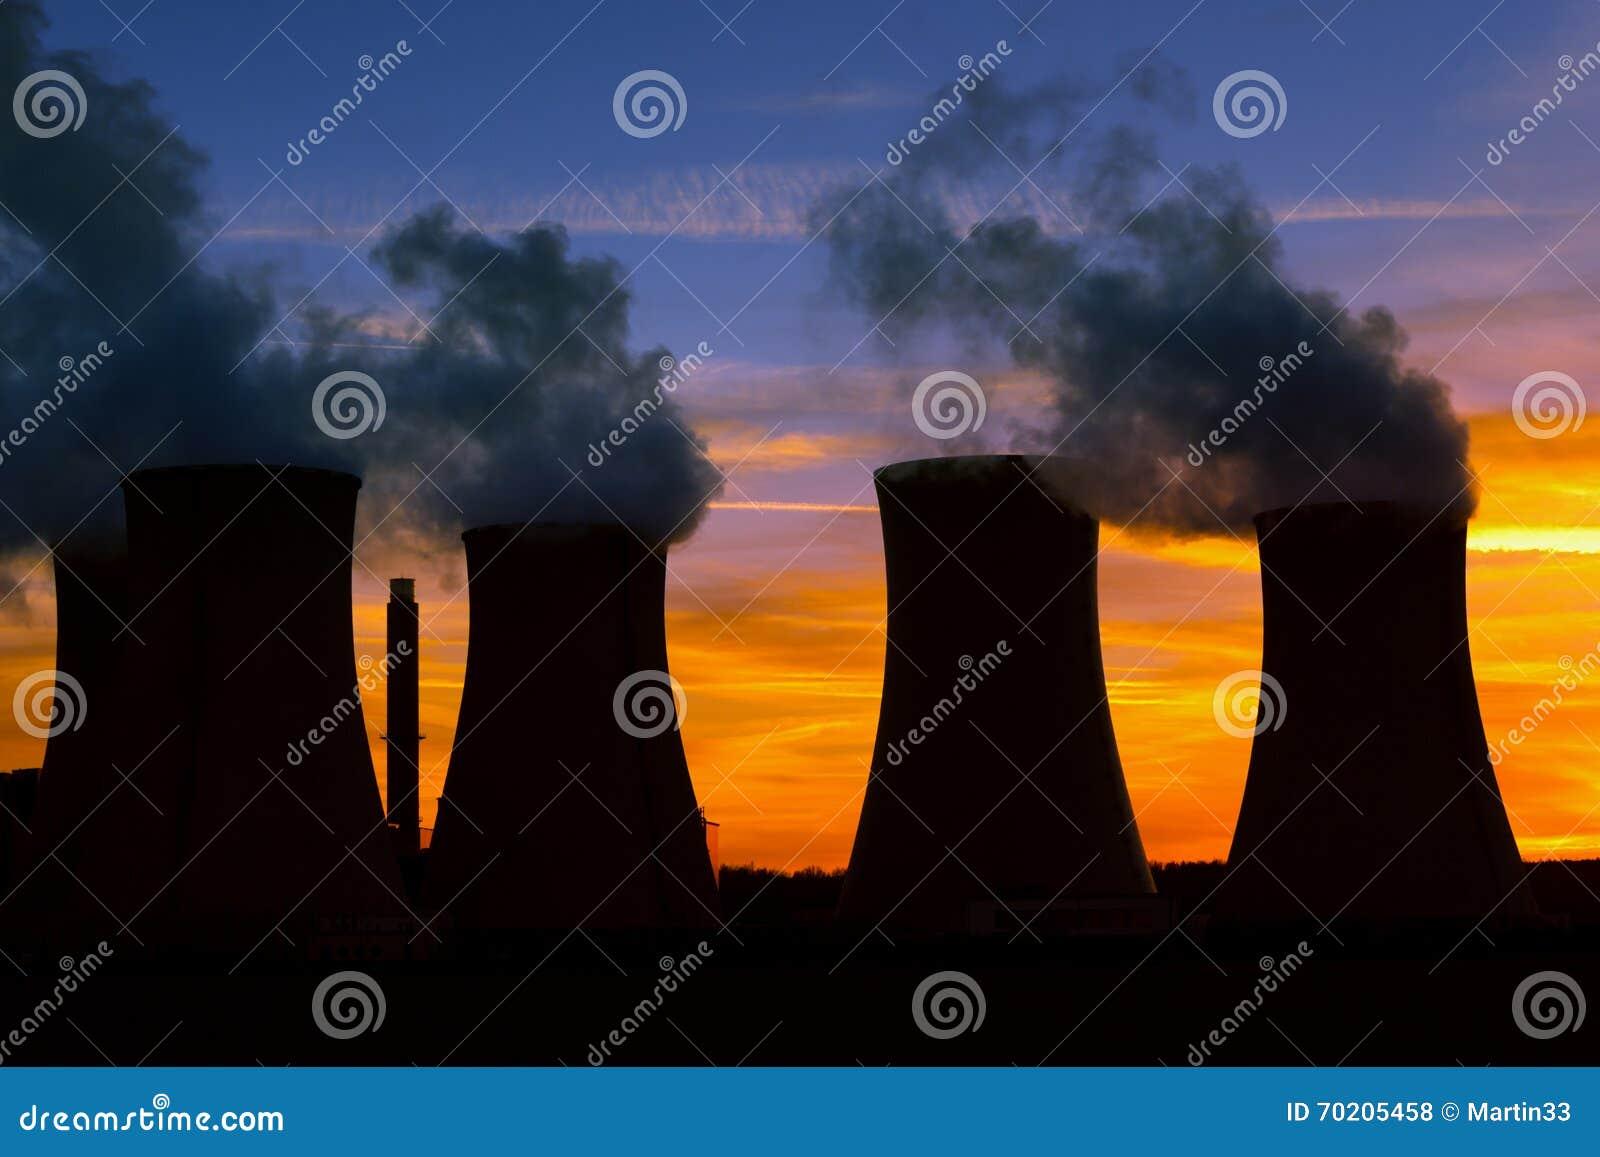 Электростанция на заходе солнца